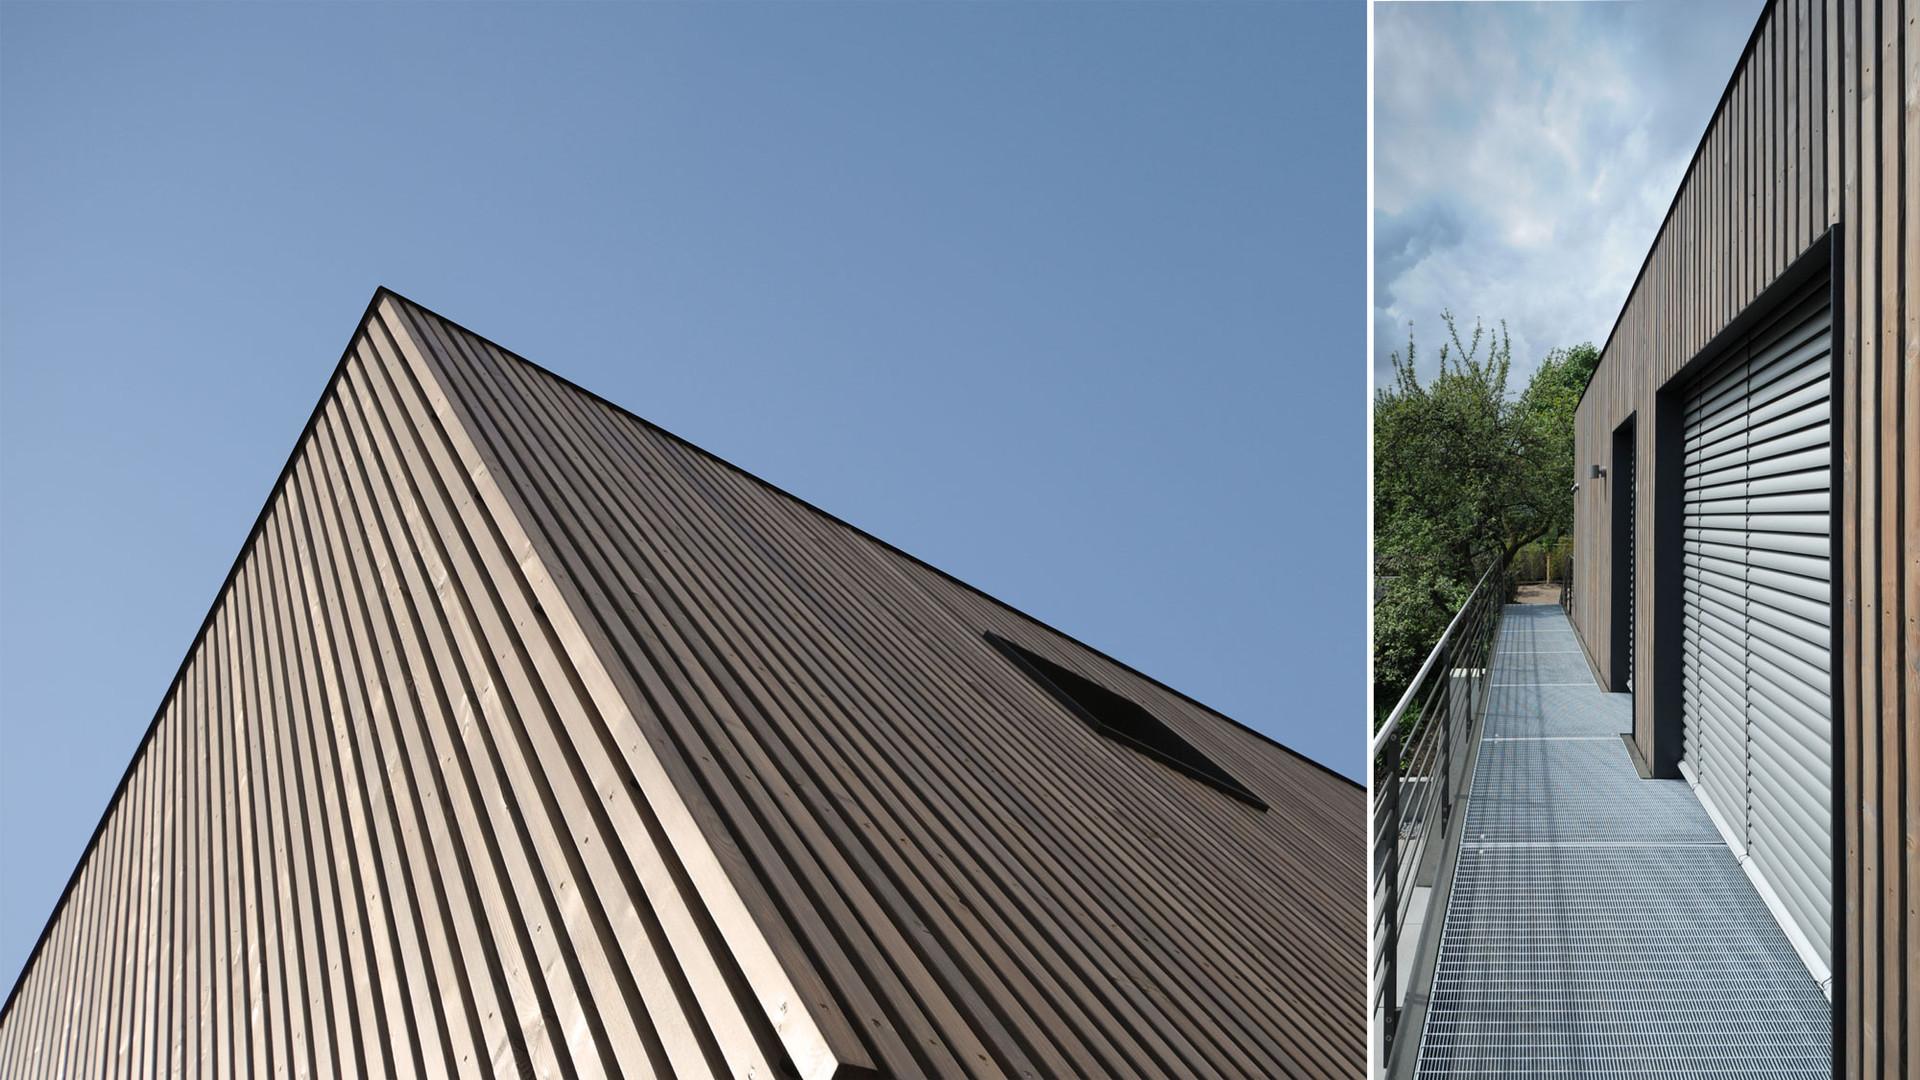 Stahltreppe an Wohnhaus